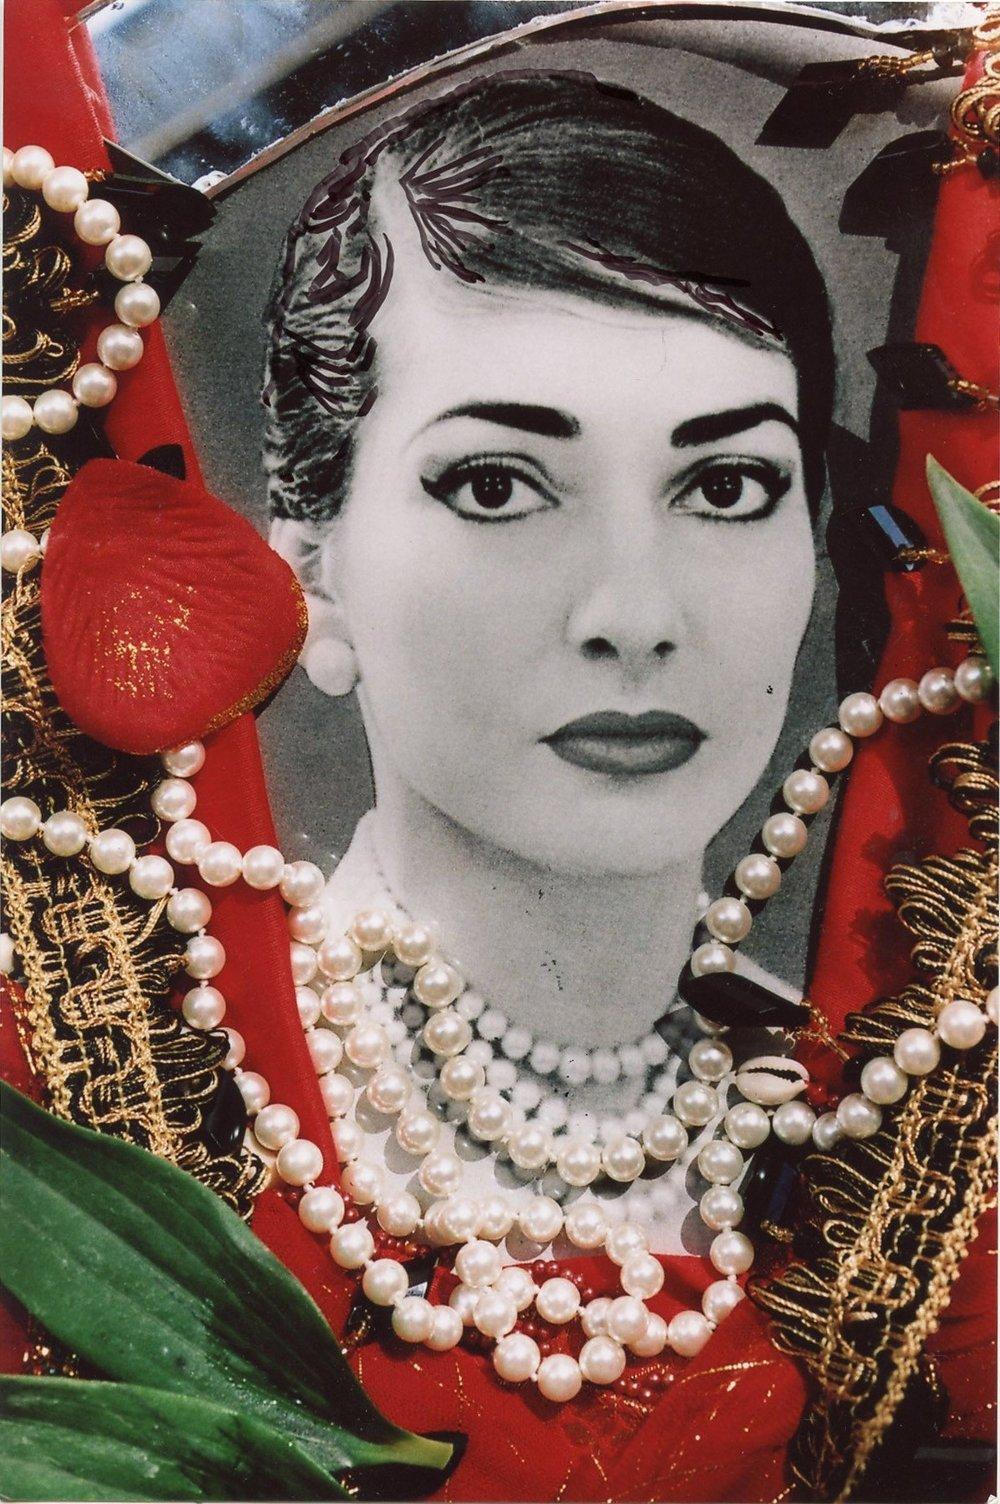 Portrait-Maria-Callas-Saint-Paul-Vence-2013-Suivant-saisons-Maria-portait-plusieurs-rangees-perles-detaille-Christine-Spengler_9_1400_1796.jpg